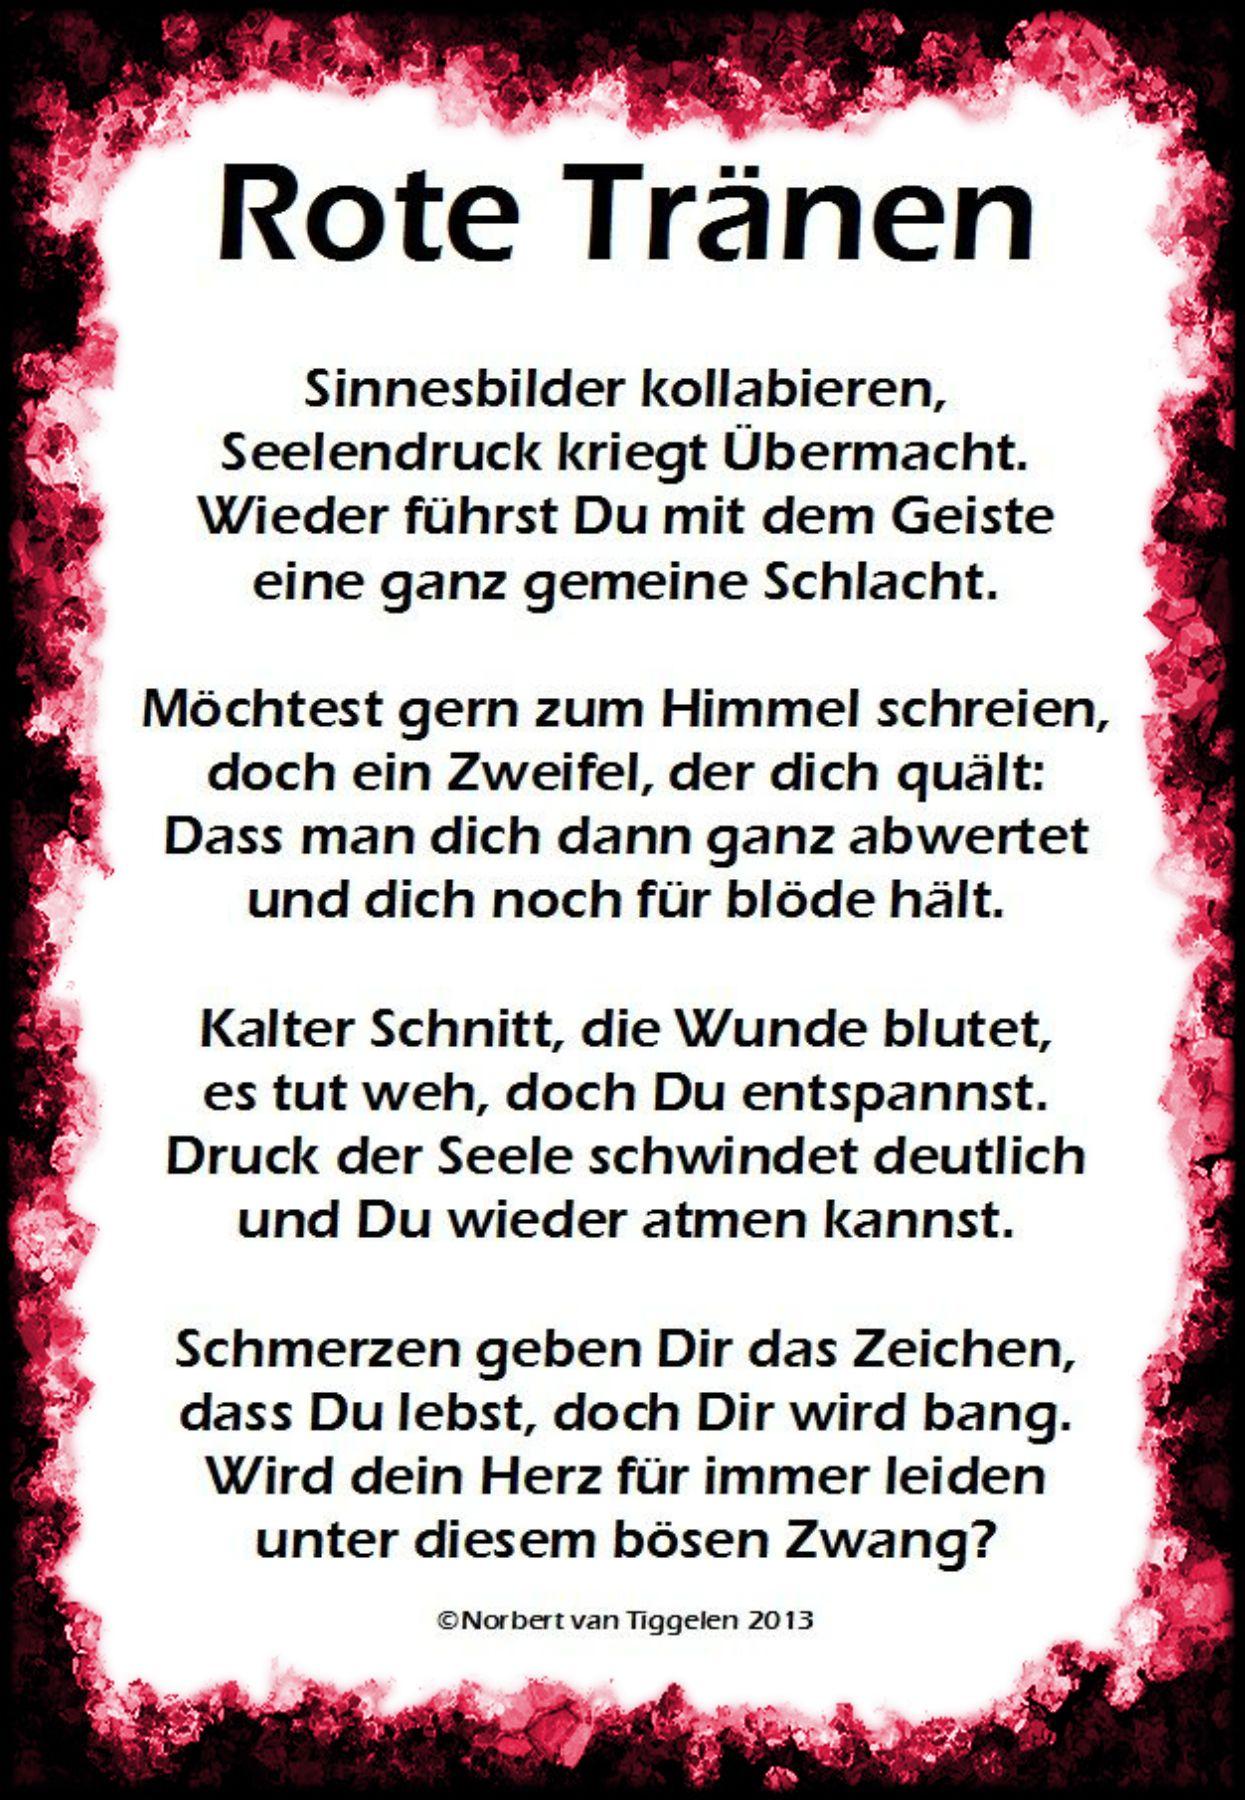 Pin Von M Wolf Auf Sprüche Zitate Und Weisheiten Gedichte